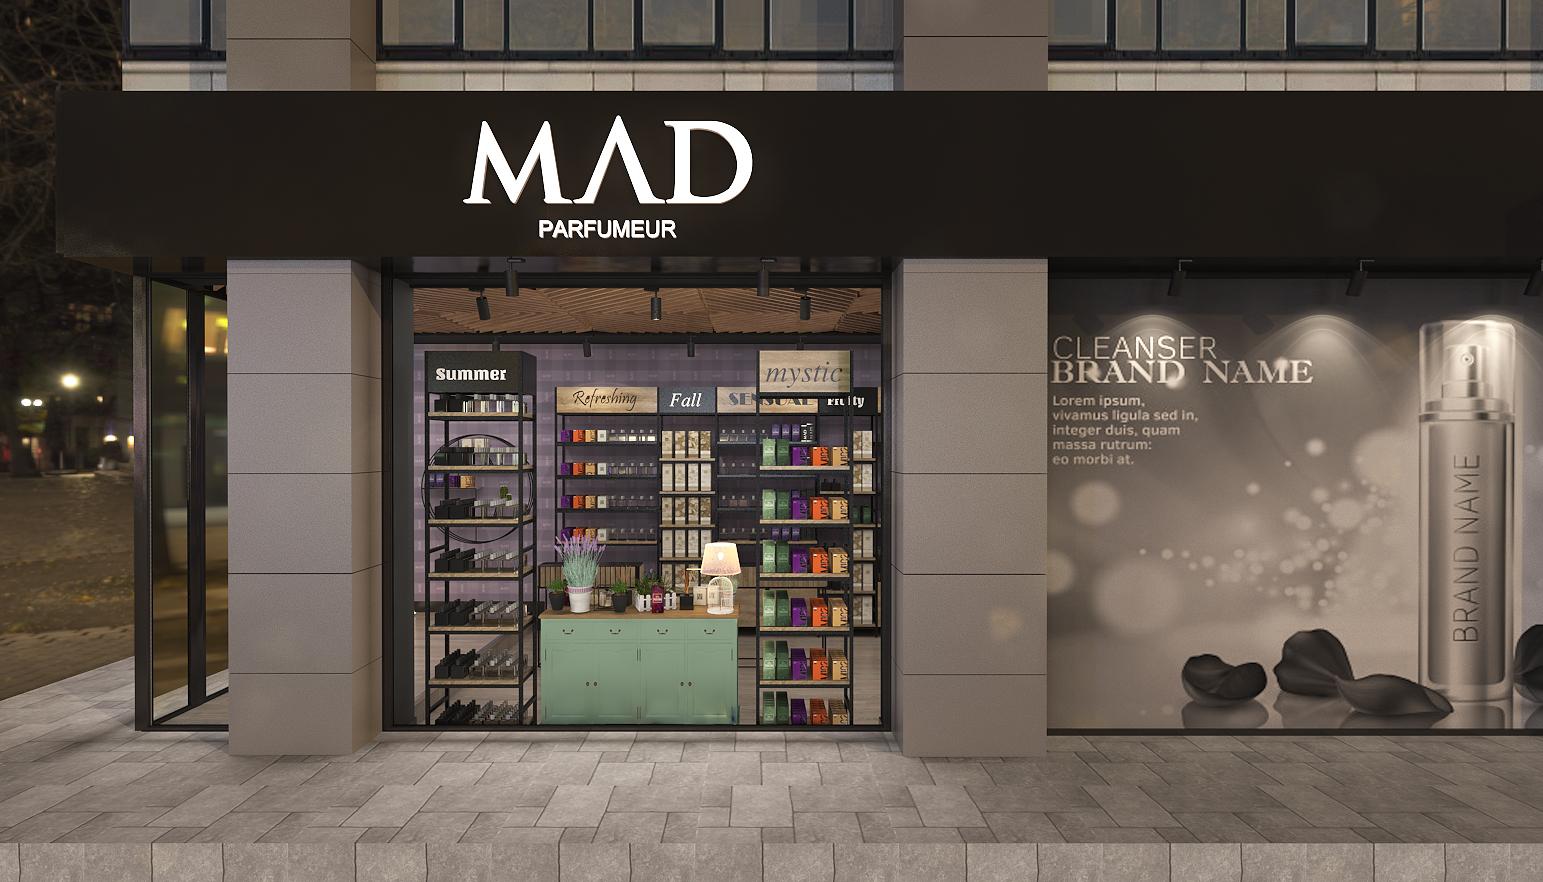 Mağaza Tasarımları ve İçmimari Dekorasyonu MAD Parfumeur